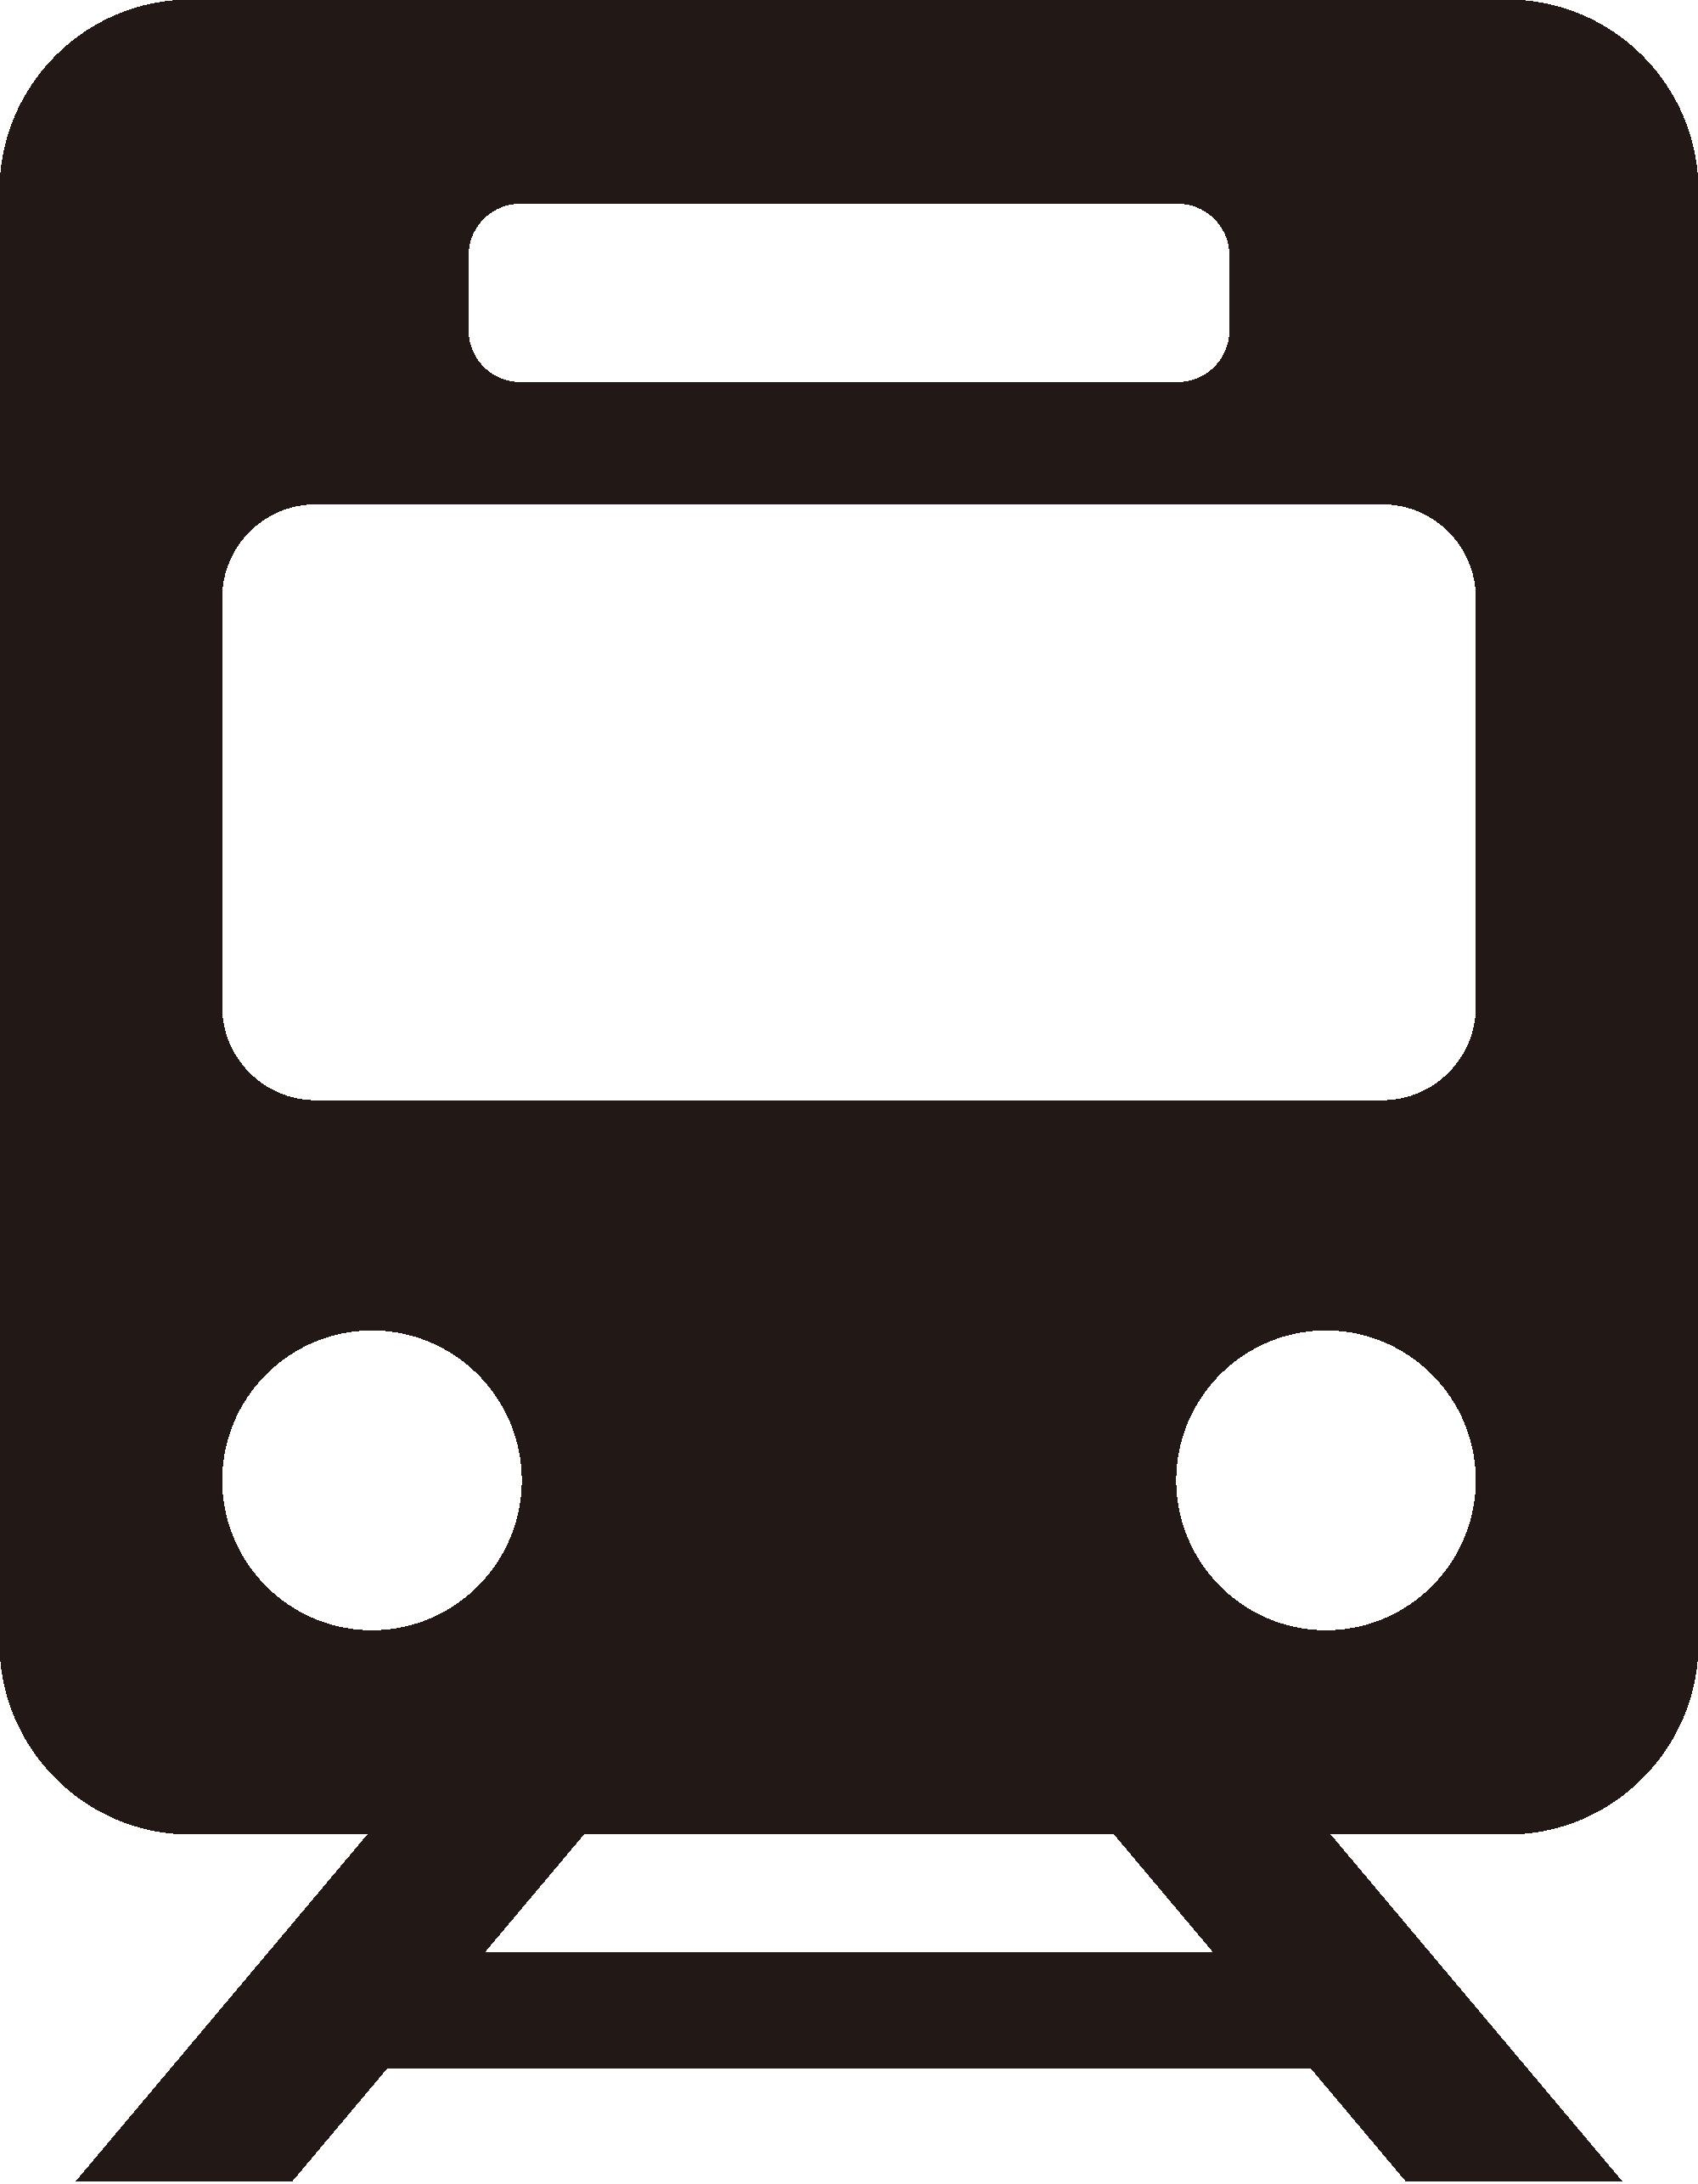 鉄道のシルエットアイコン